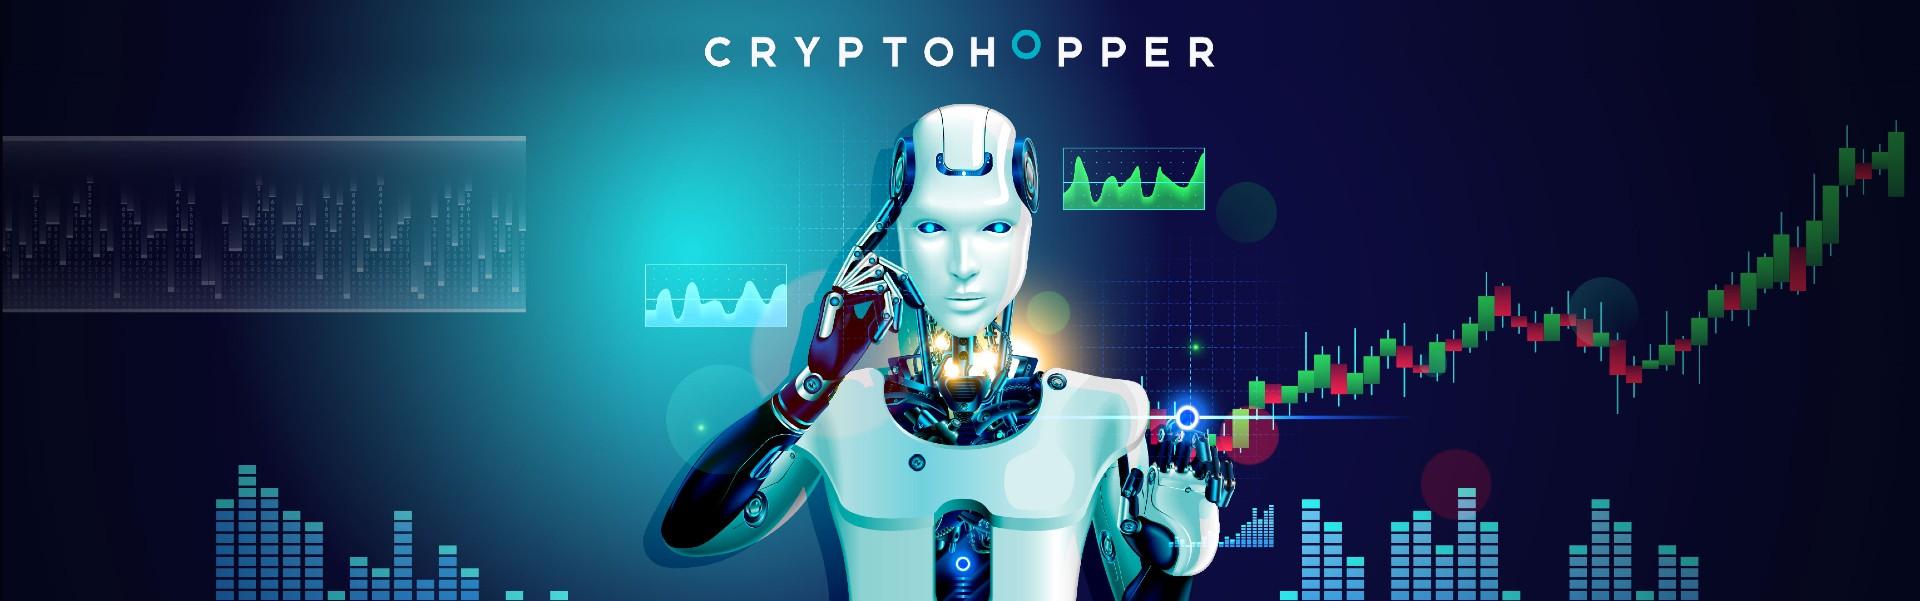 crypto bots 2021